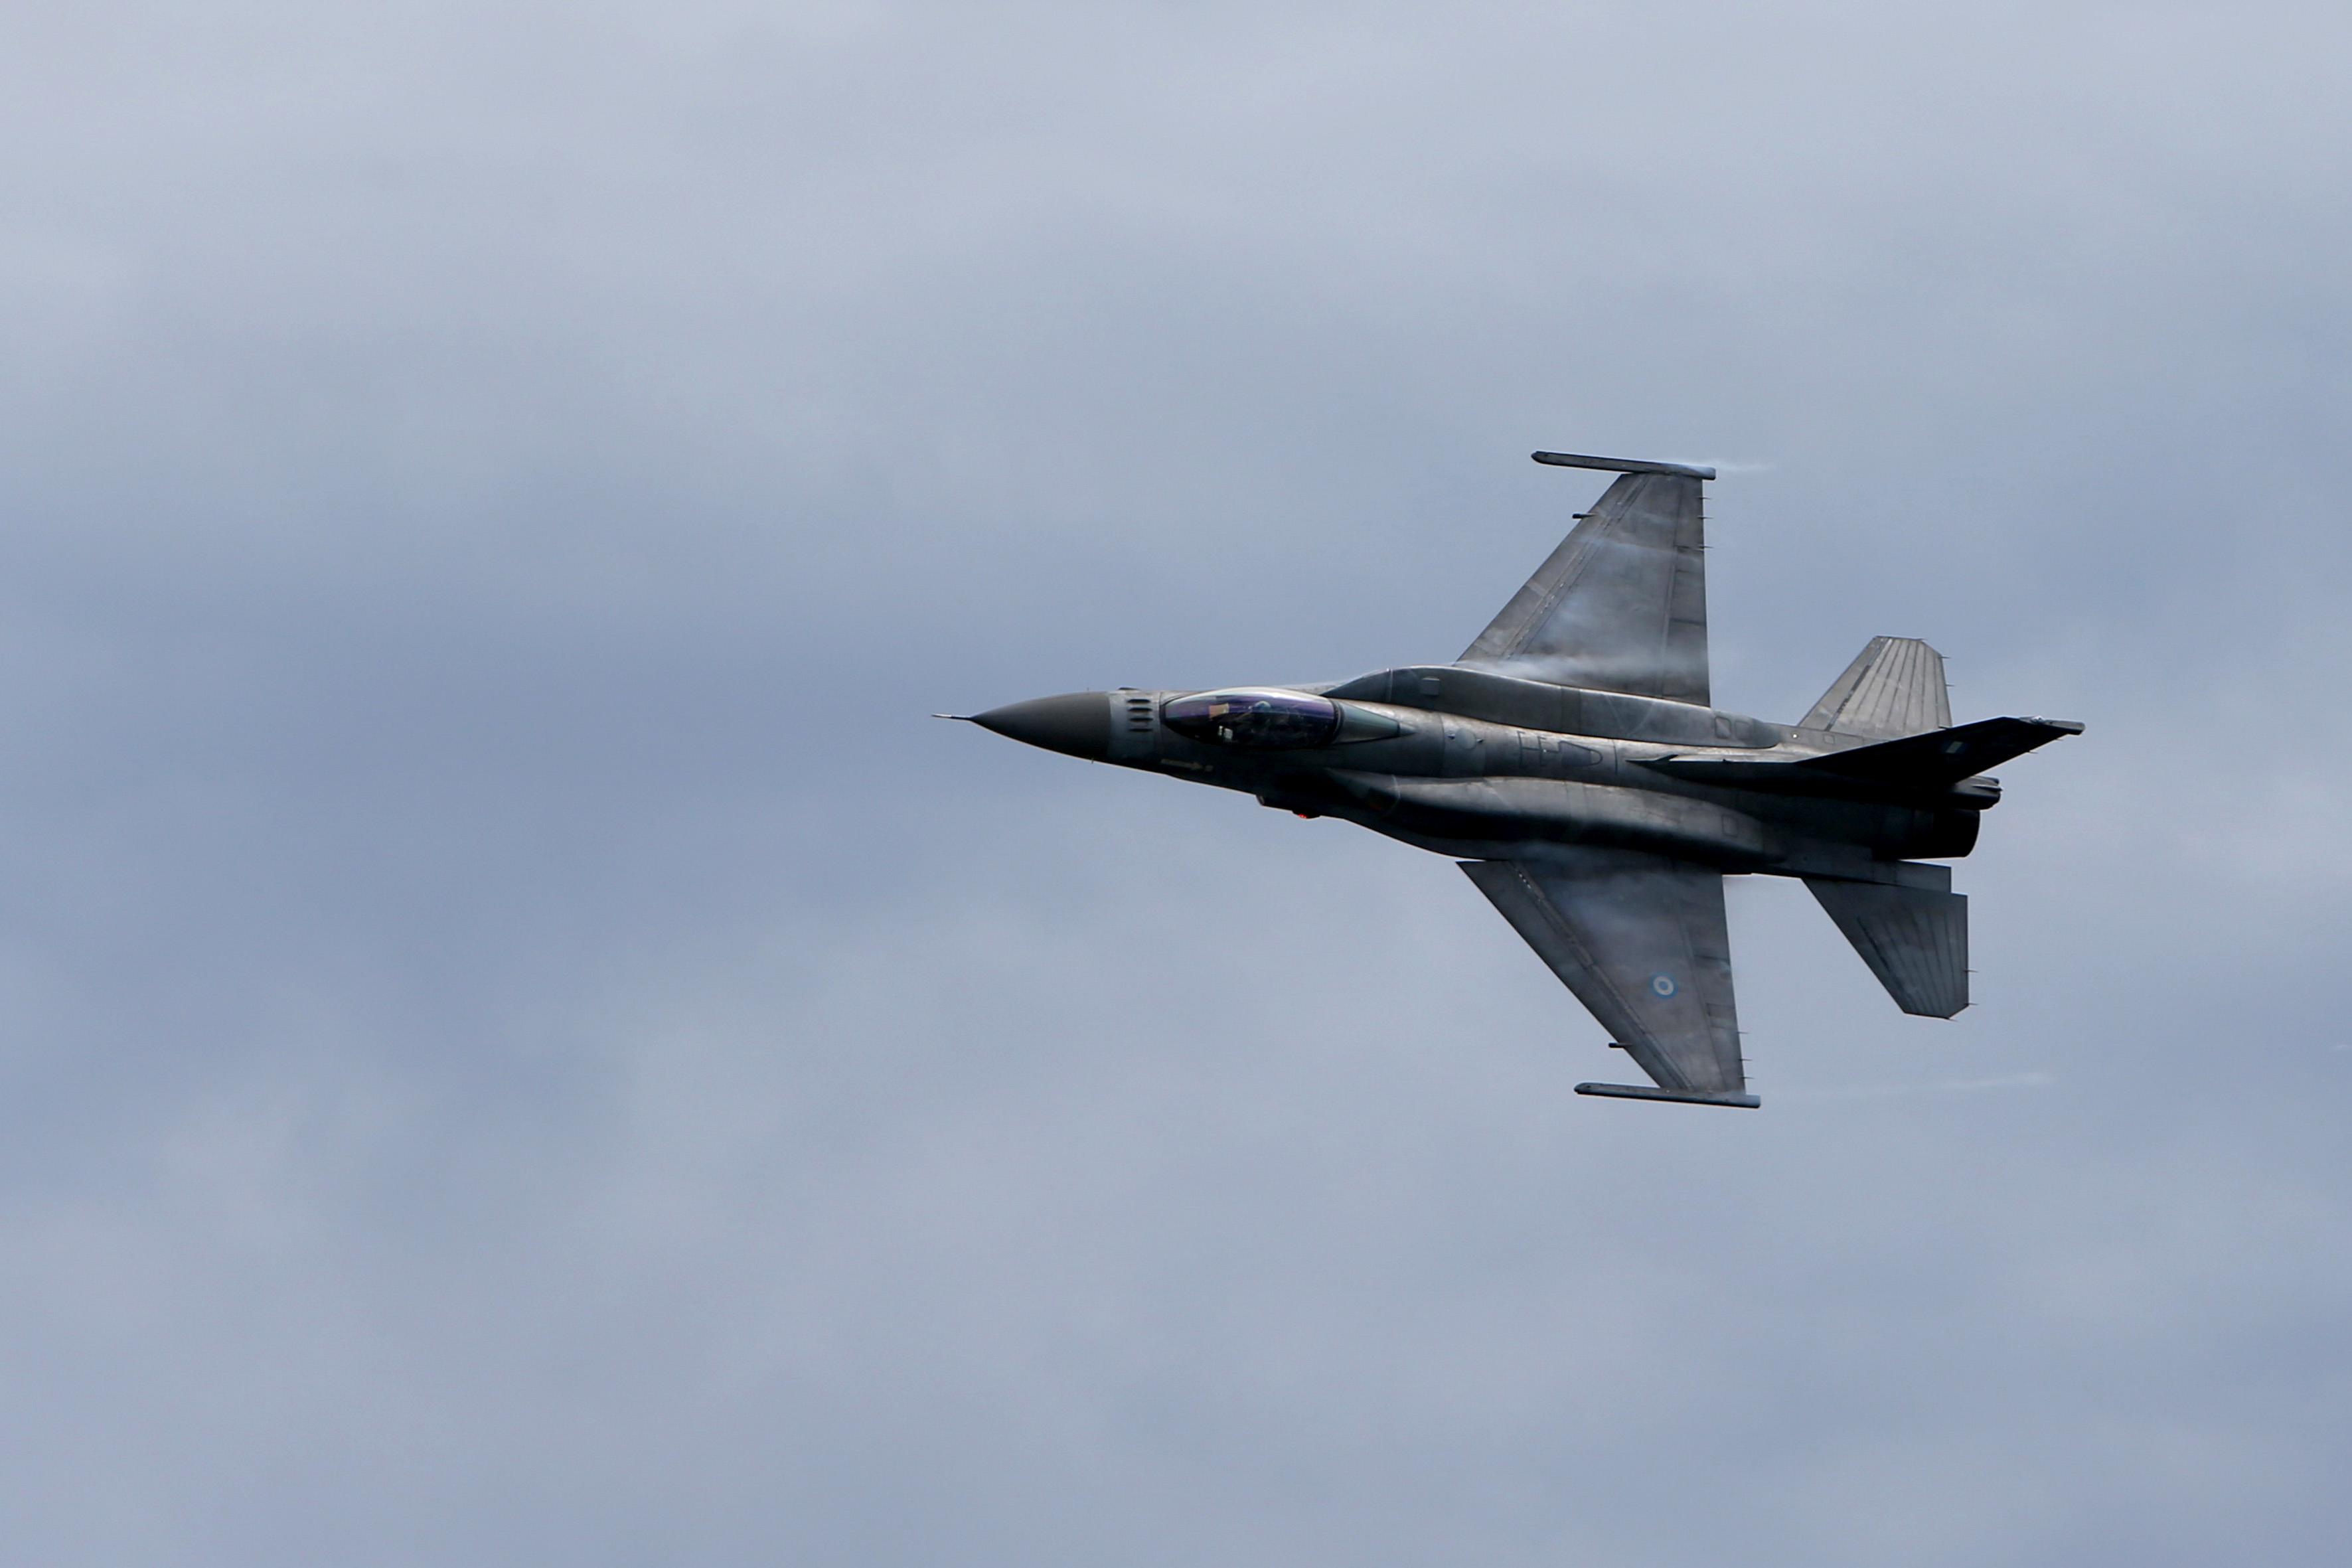 Νέα πρόκληση στο Φαρμακονήσι με υπερπτήση τουρκικού F-16 | tovima.gr